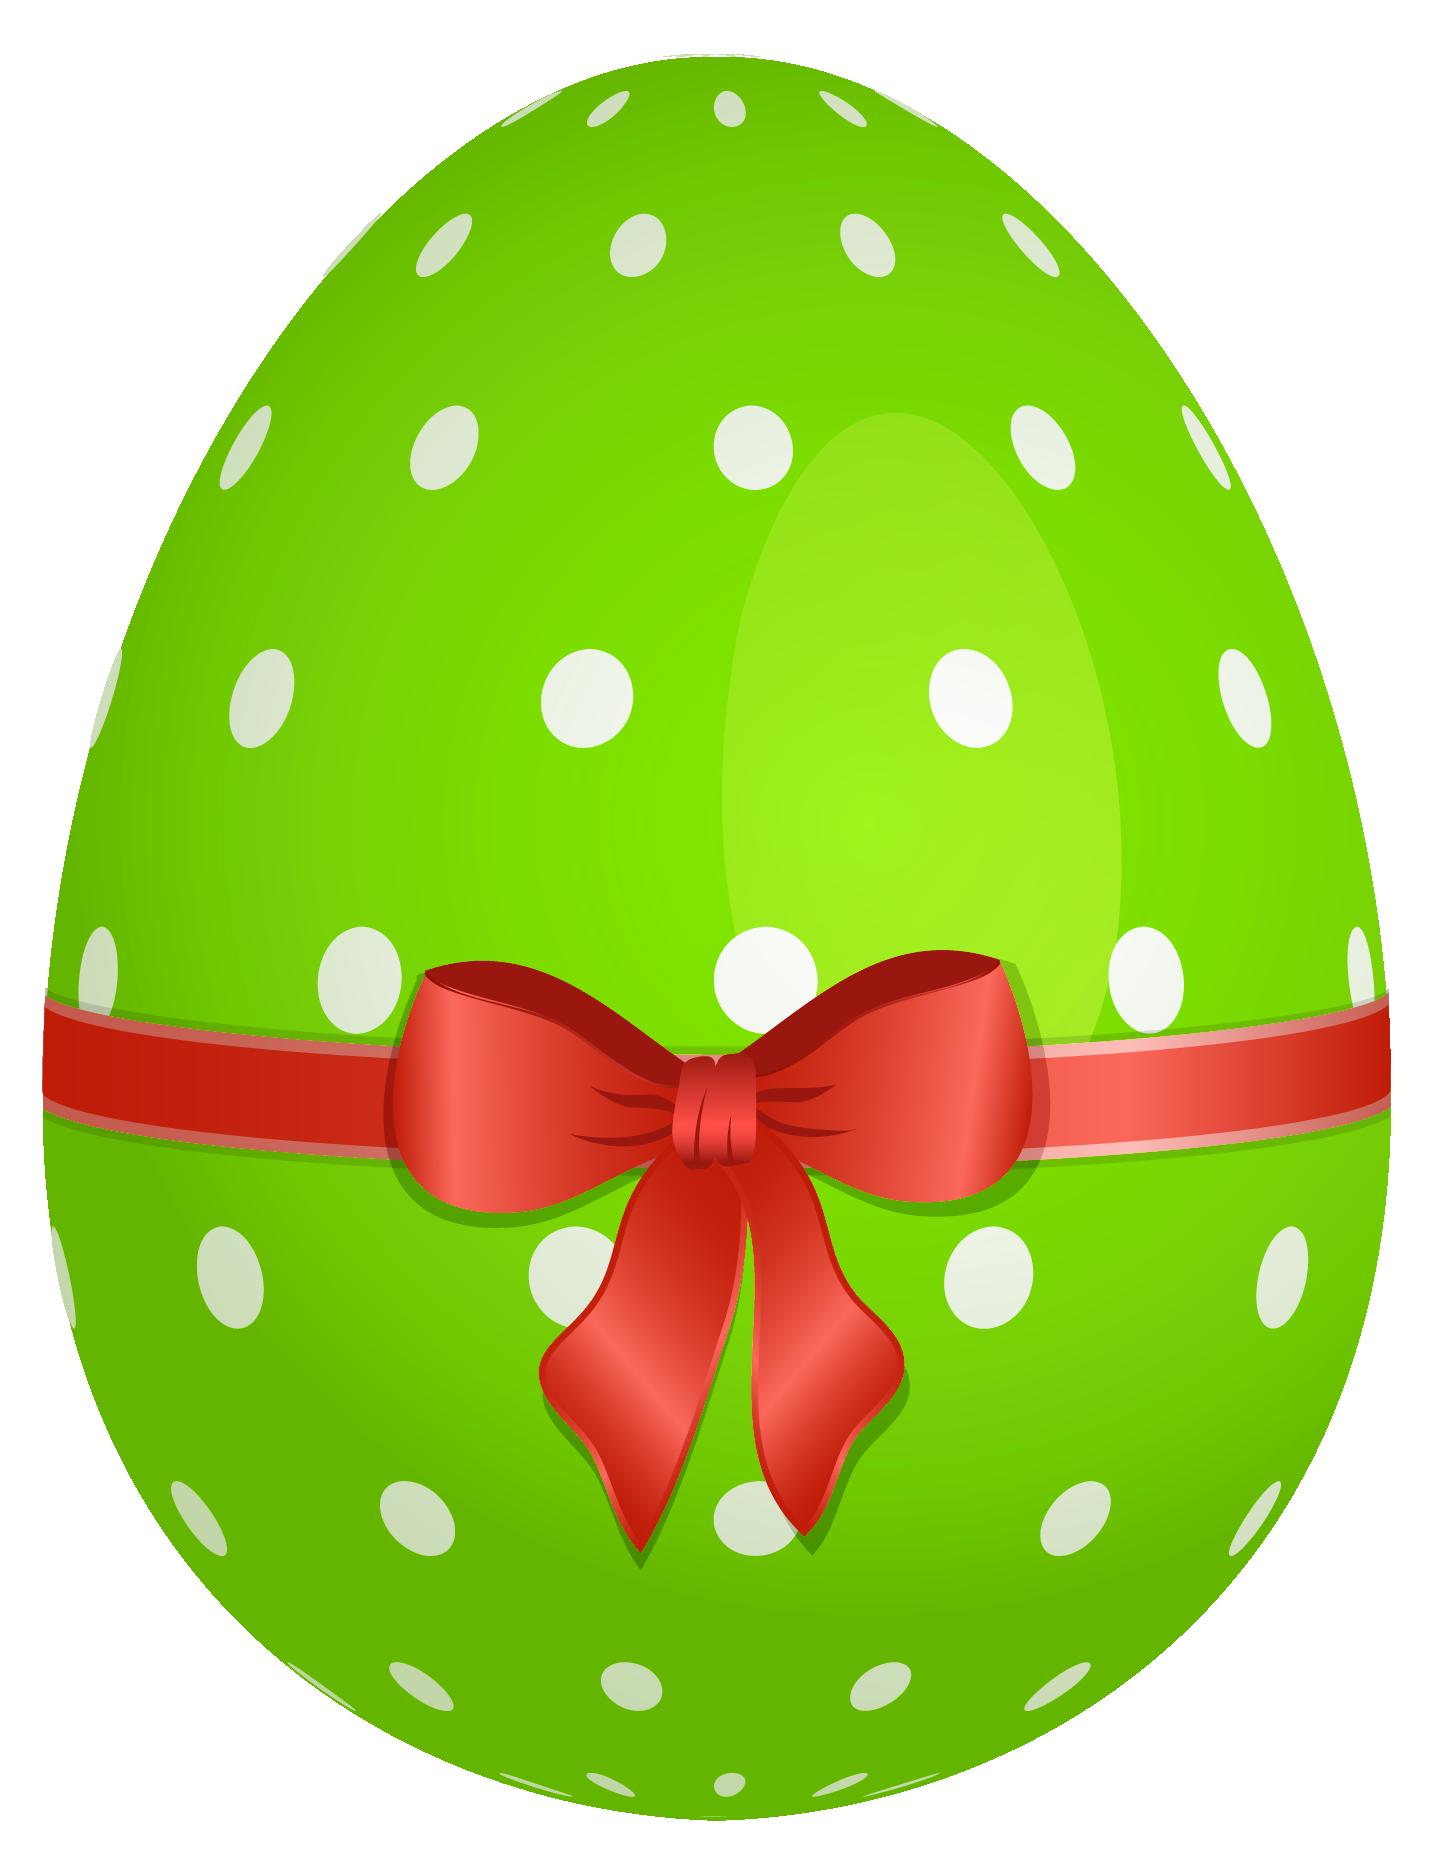 Google easter egg clip art clipart